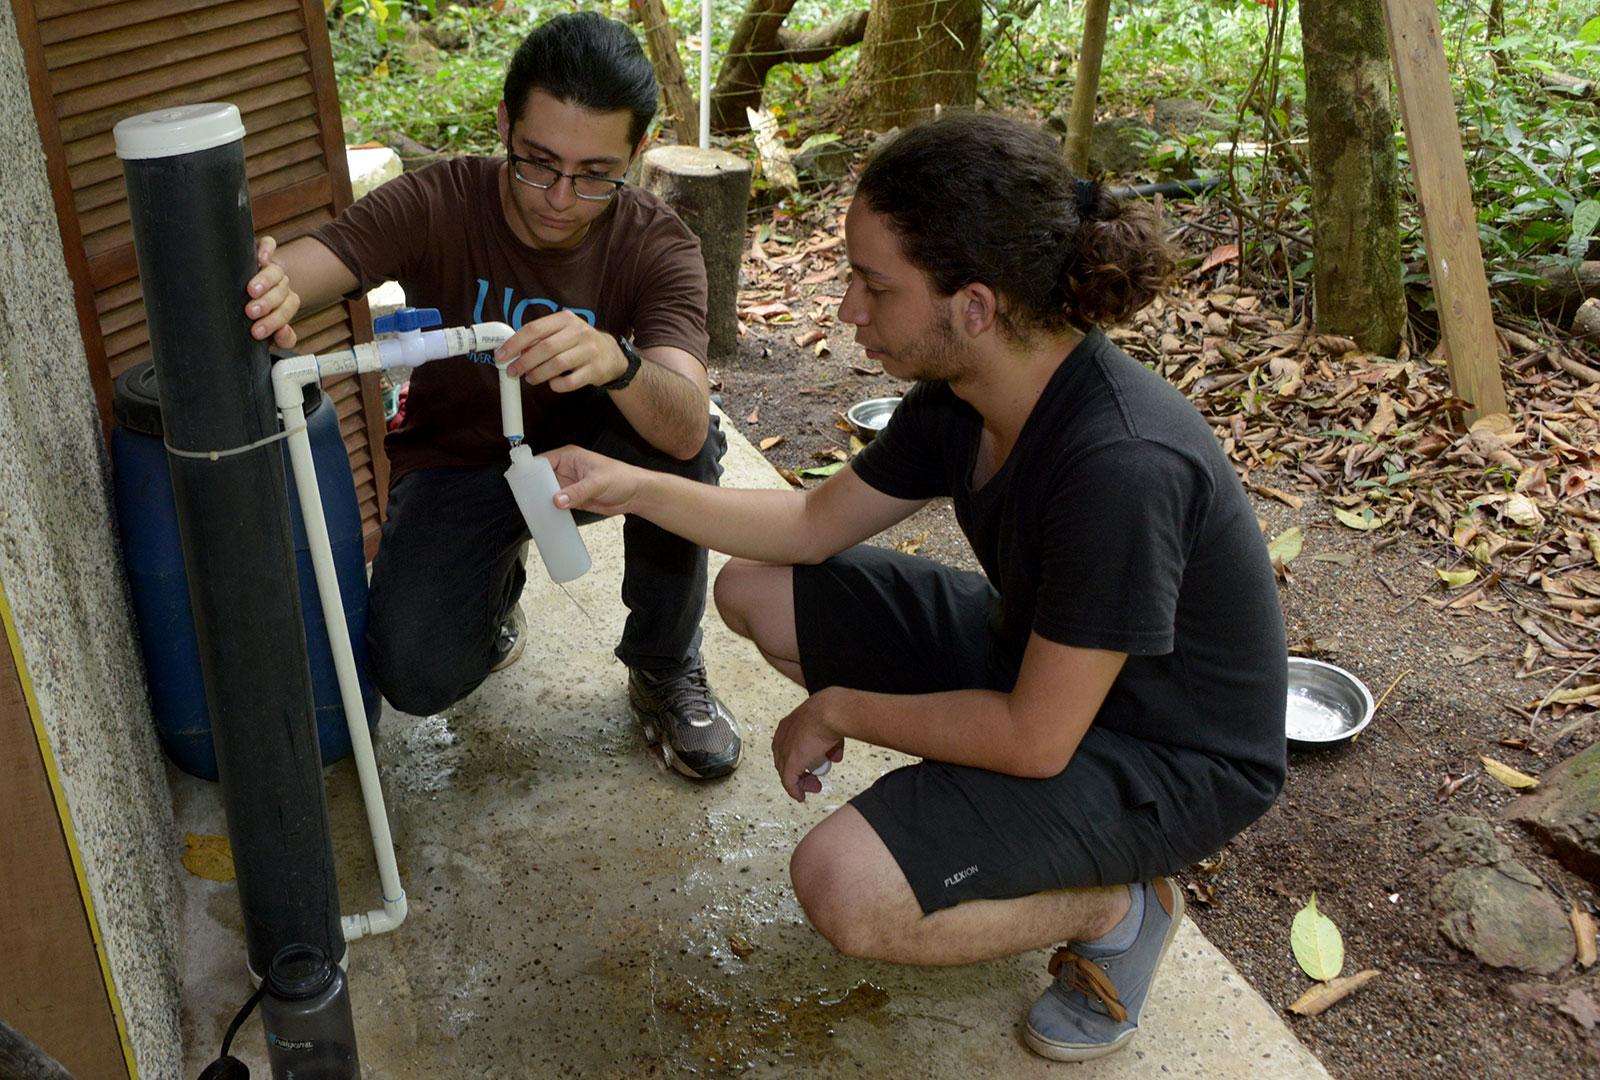 Una casa de habitación en Las Caletas, Drake, usa desde hace unos meses un filtro de agua de prueba, que tiene el objetivo de mejorar la calidad del agua de consumo humano en la bahía. En la fotografía, los estudiantes de TCU sacan una muestra de agua para realizar el análisis microbiano.